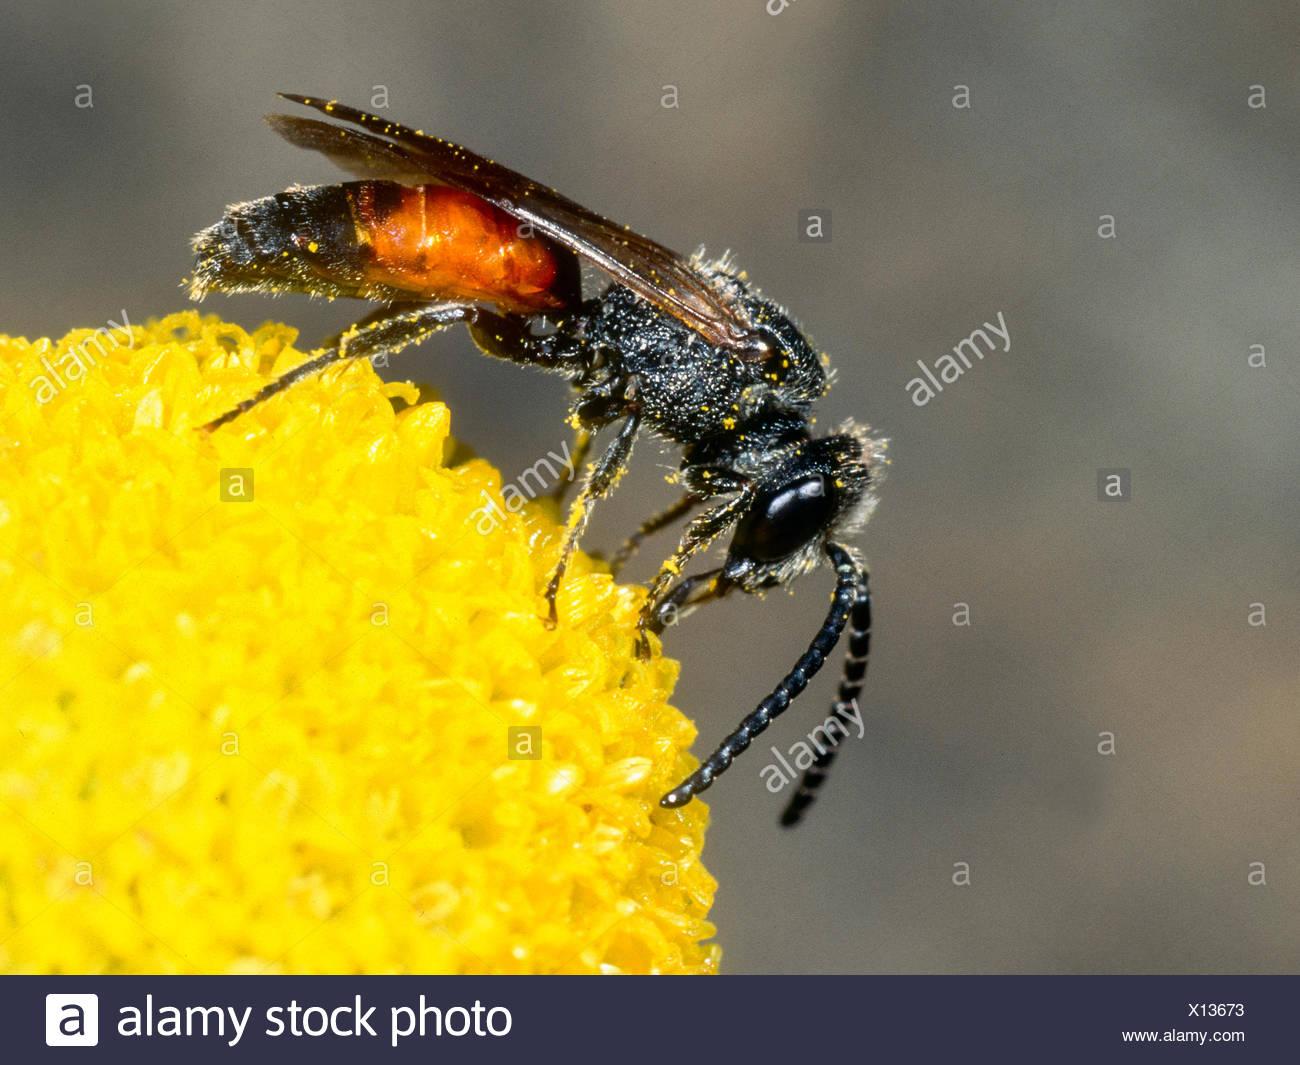 Blutbiene, Sphecodes reticulatus (Sphecodes reticulatus), Maennchen bei der Nektaraufnahme auf Echter Kamille (Matricaria chamom - Stock Image